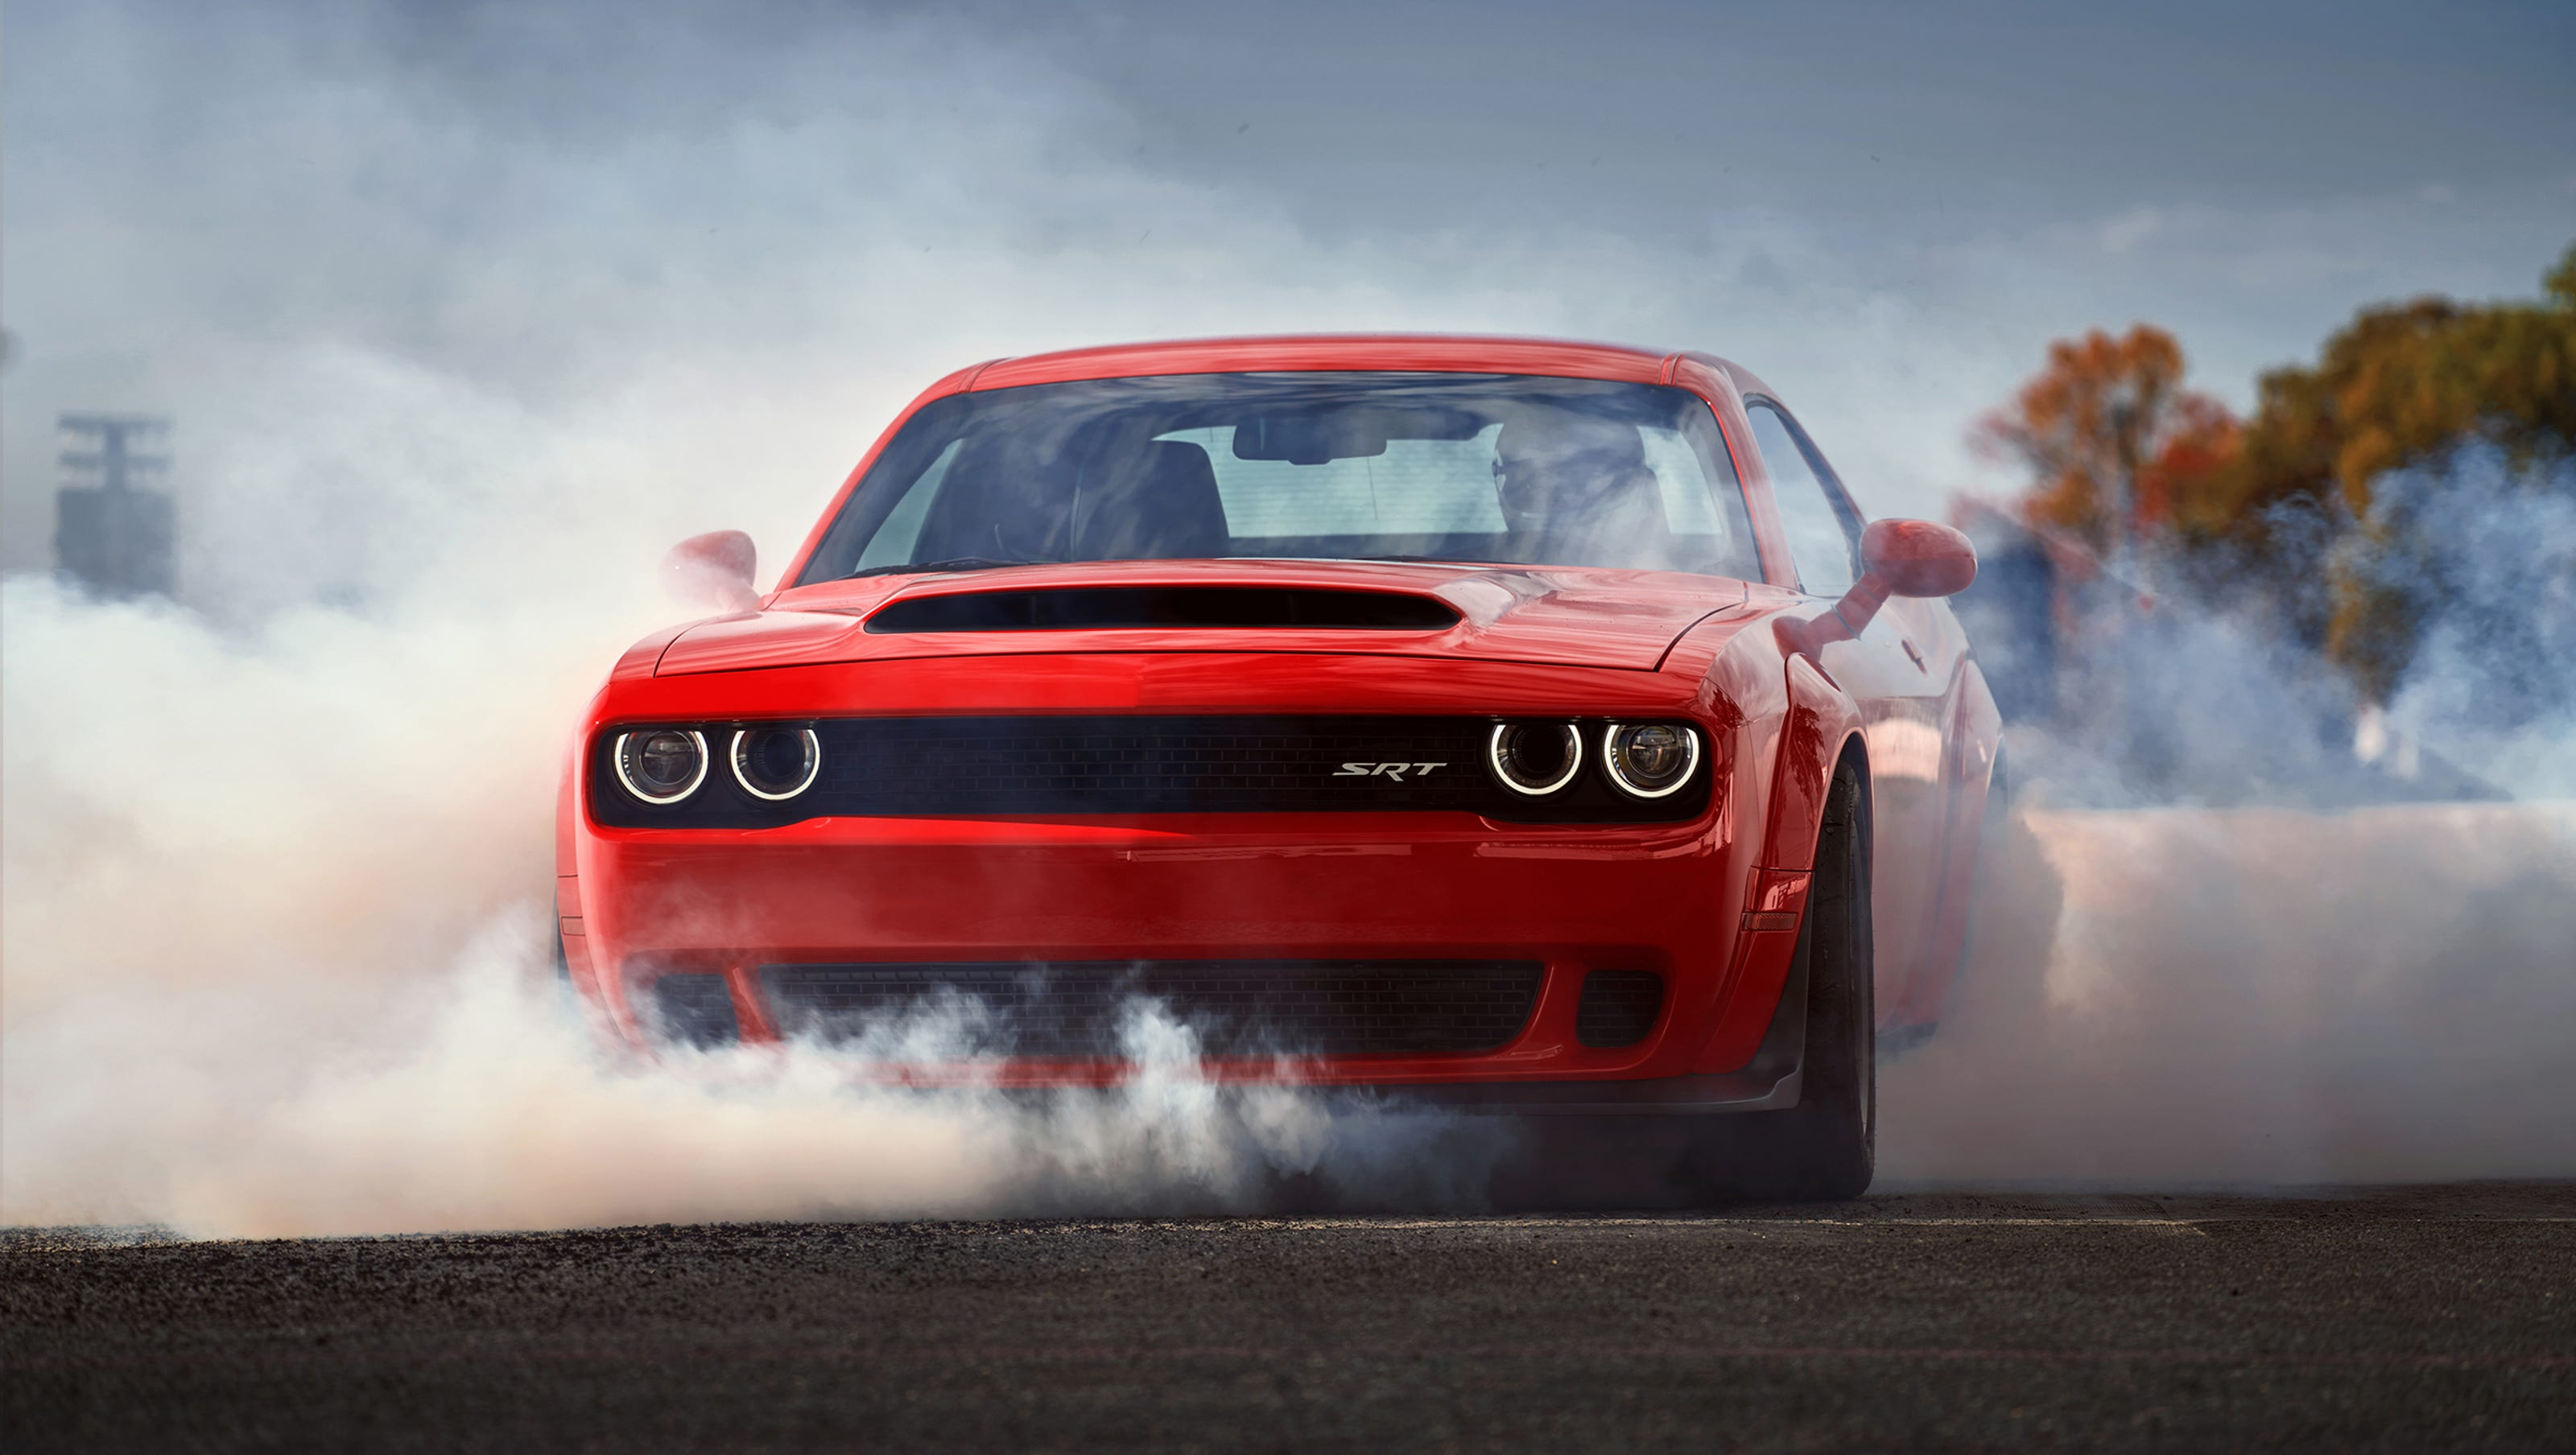 Dodge Challenger Srt Demon Price 84 995 Add 1 For Extra Horsepower